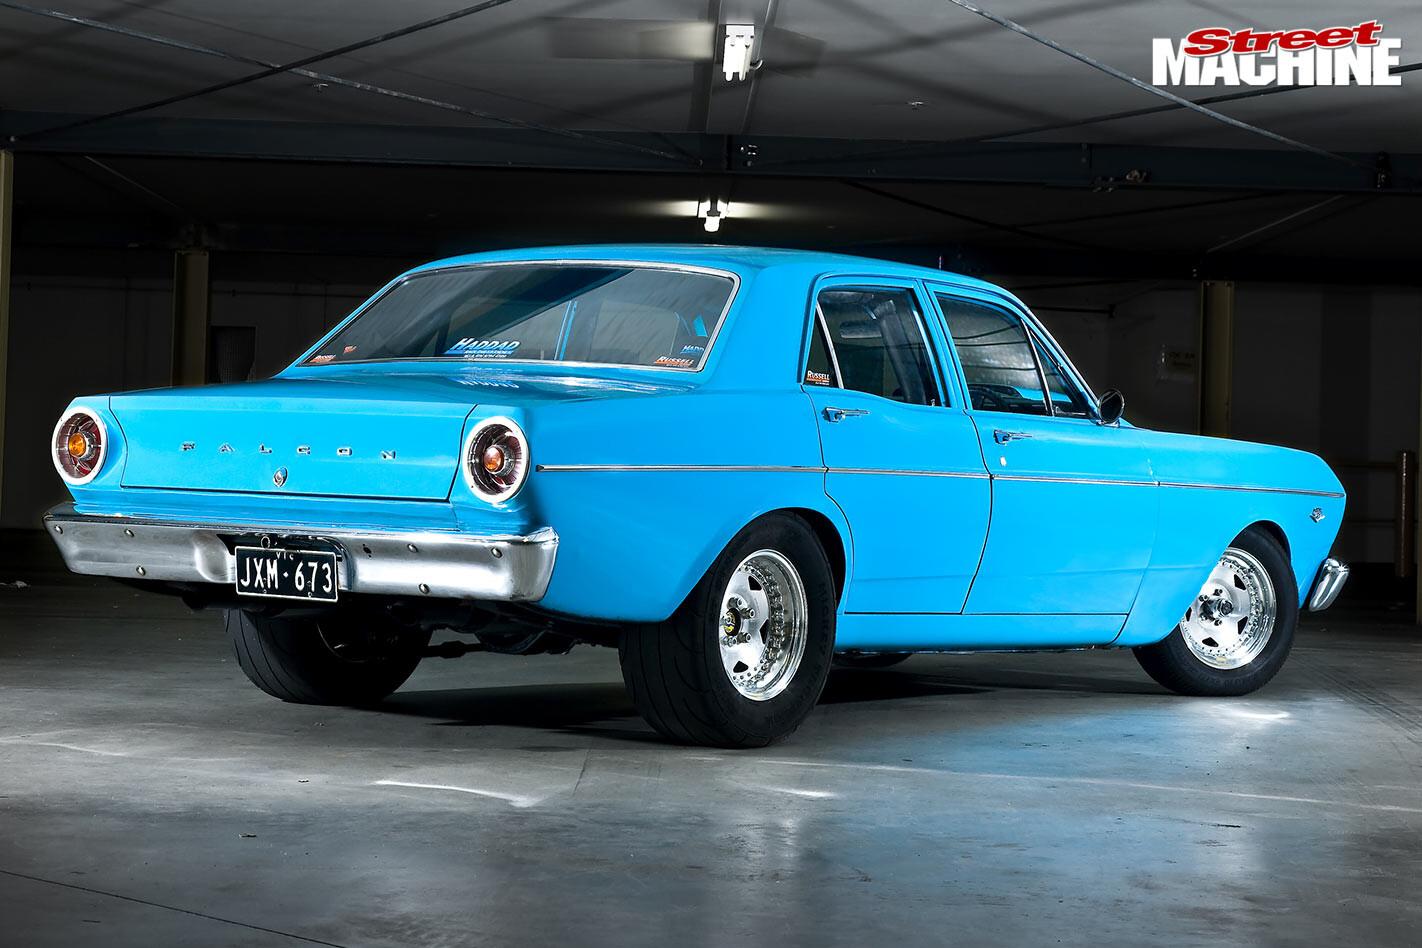 Ford XR Falcon rear